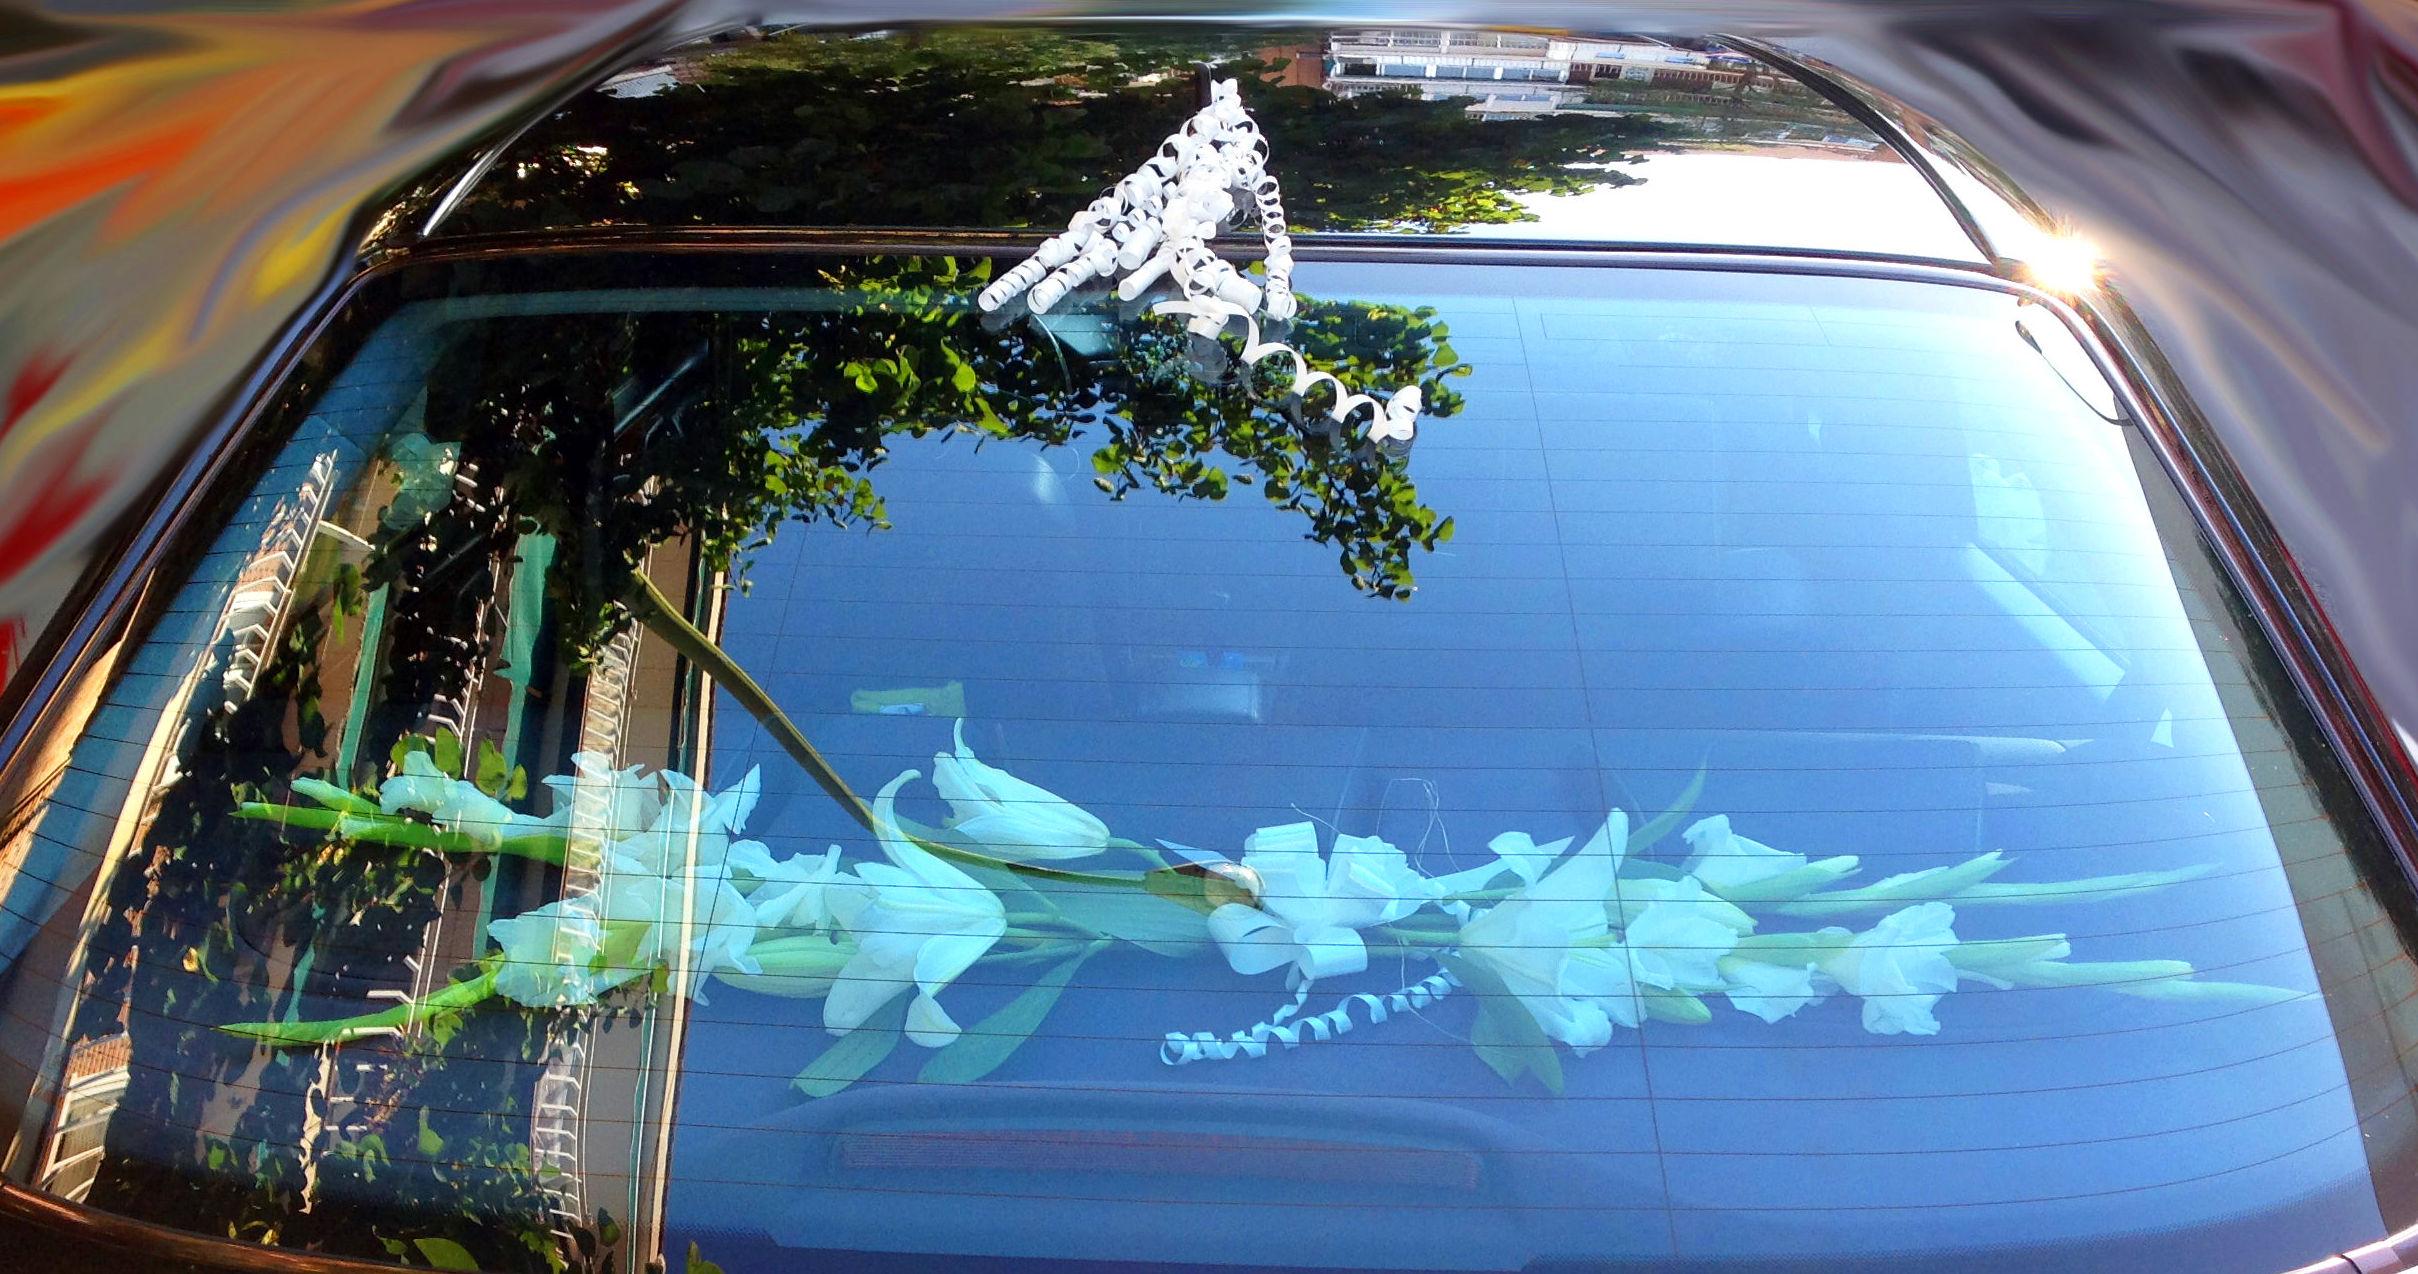 Flores para bandeja del coche: PRODUCTOS Y SERVICIOS  de Floristería Contreras - BARTOLOMÉ CONTRERAS